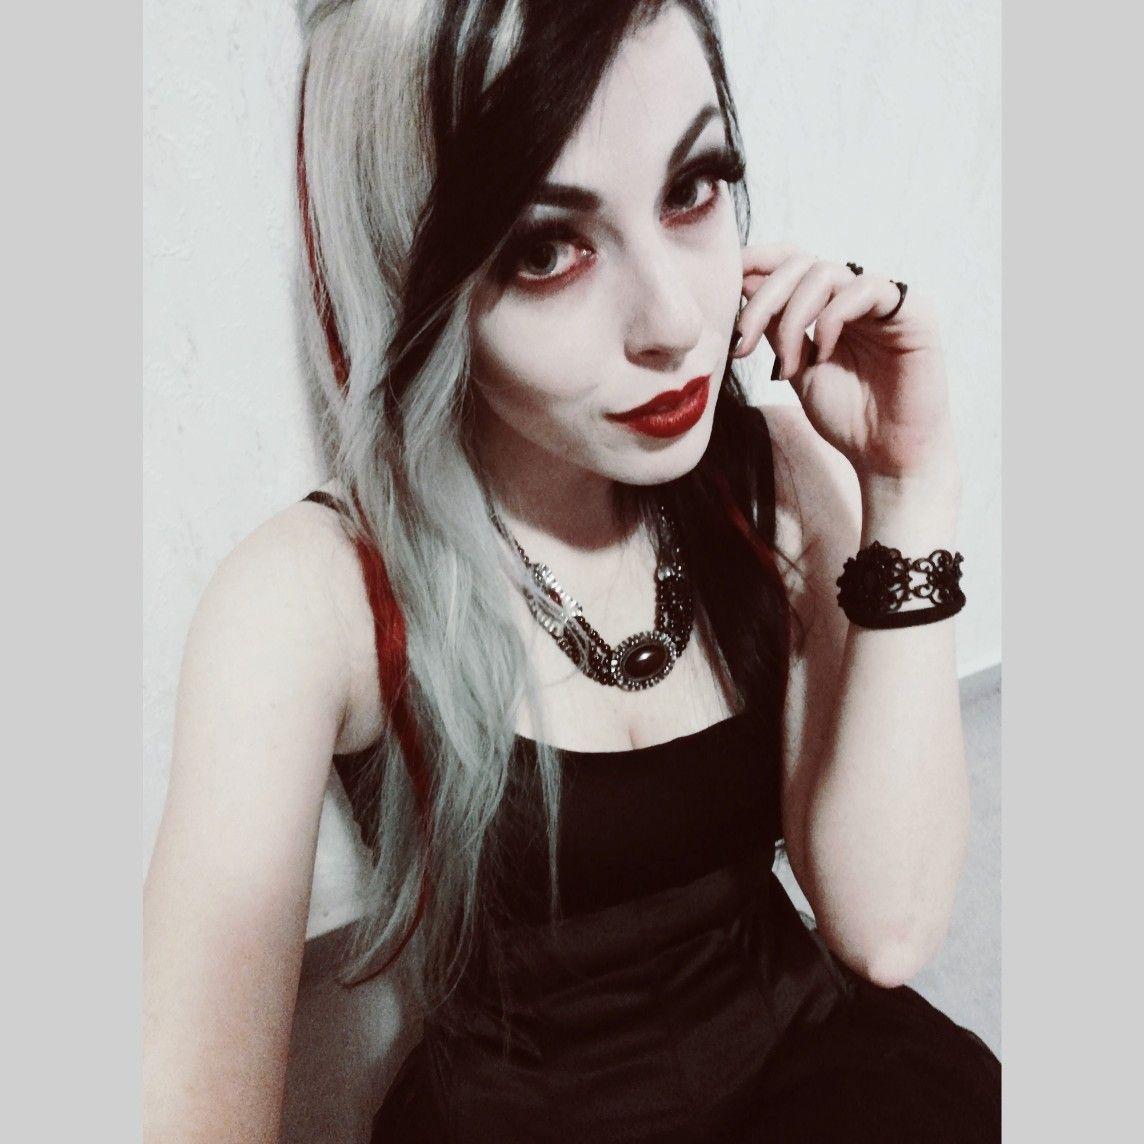 Emo emogirl halfandhalfhair blackhair whitehair redlips goth